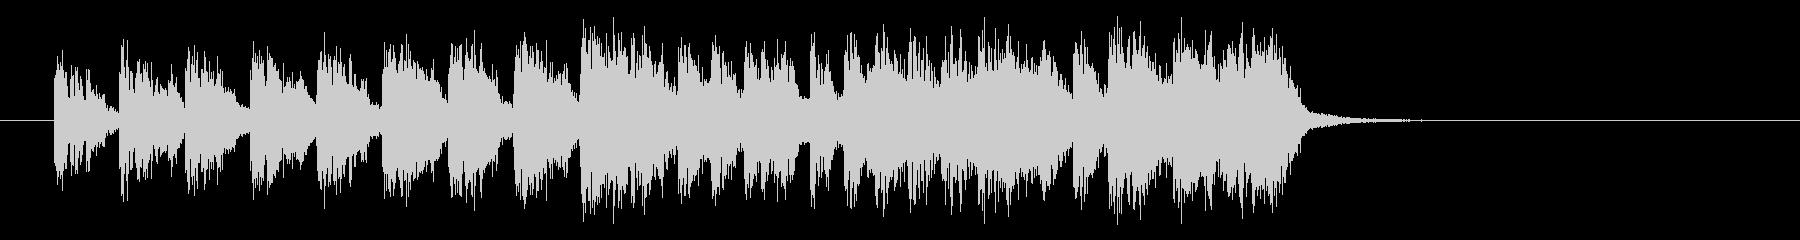 メルヘンなテクノポップスの未再生の波形